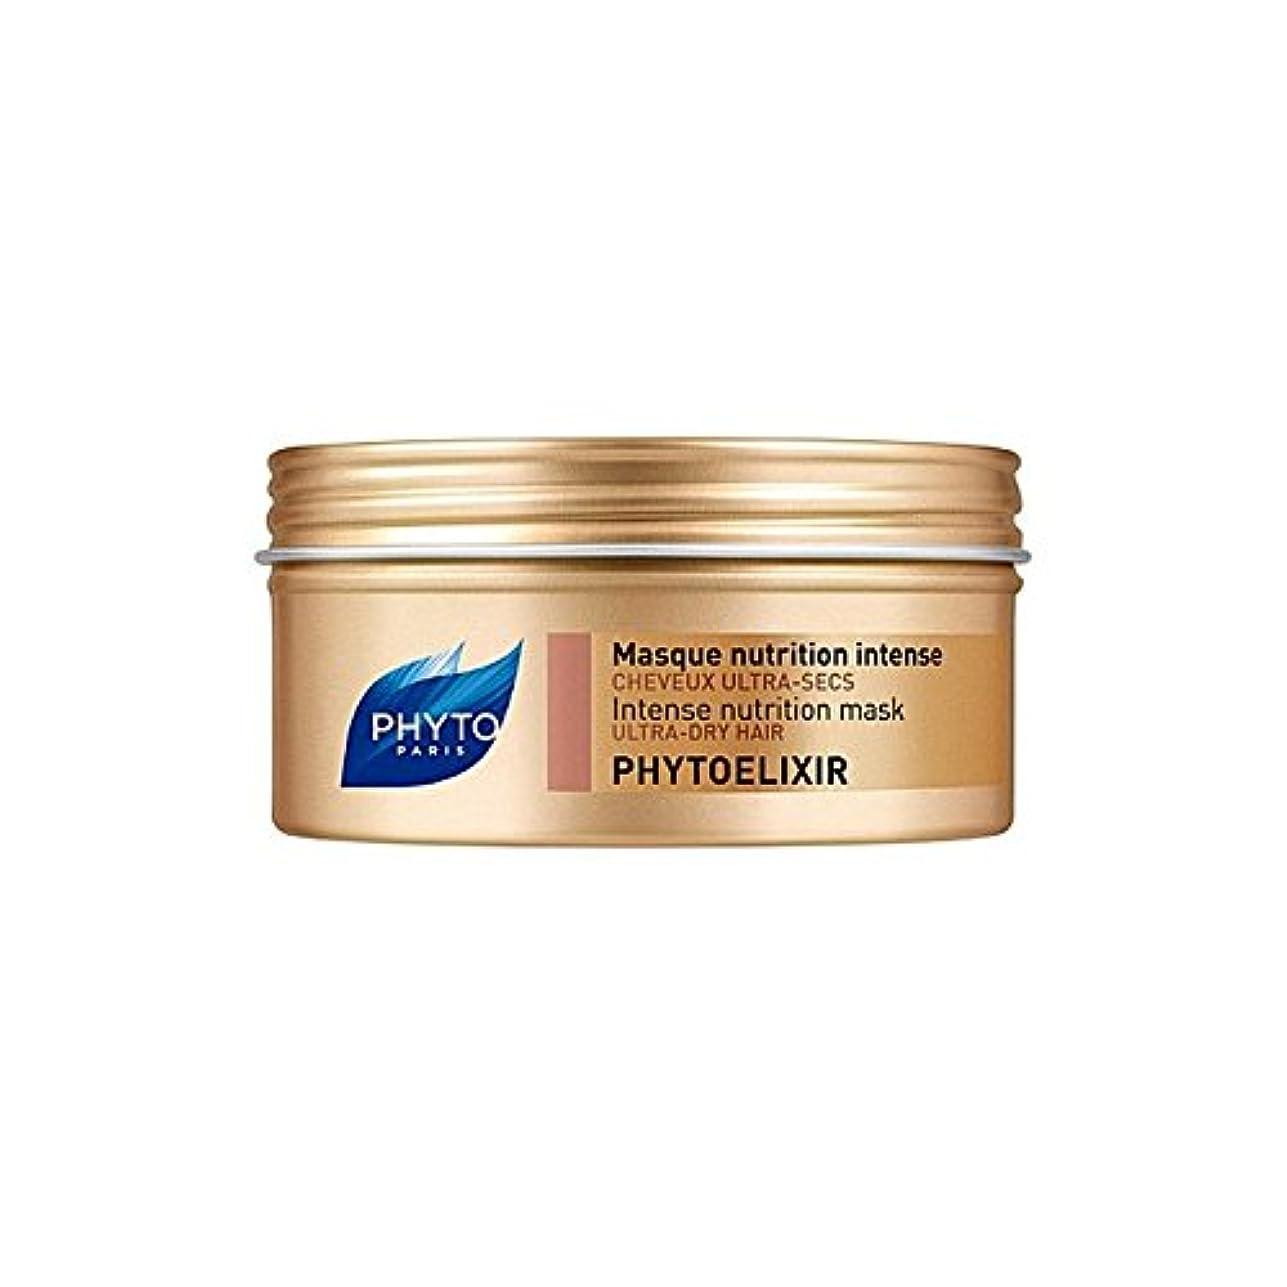 規範変更可能ガムフィトの強烈な栄養マスク x2 - Phyto Phytoelixir Intense Nutrition Mask (Pack of 2) [並行輸入品]